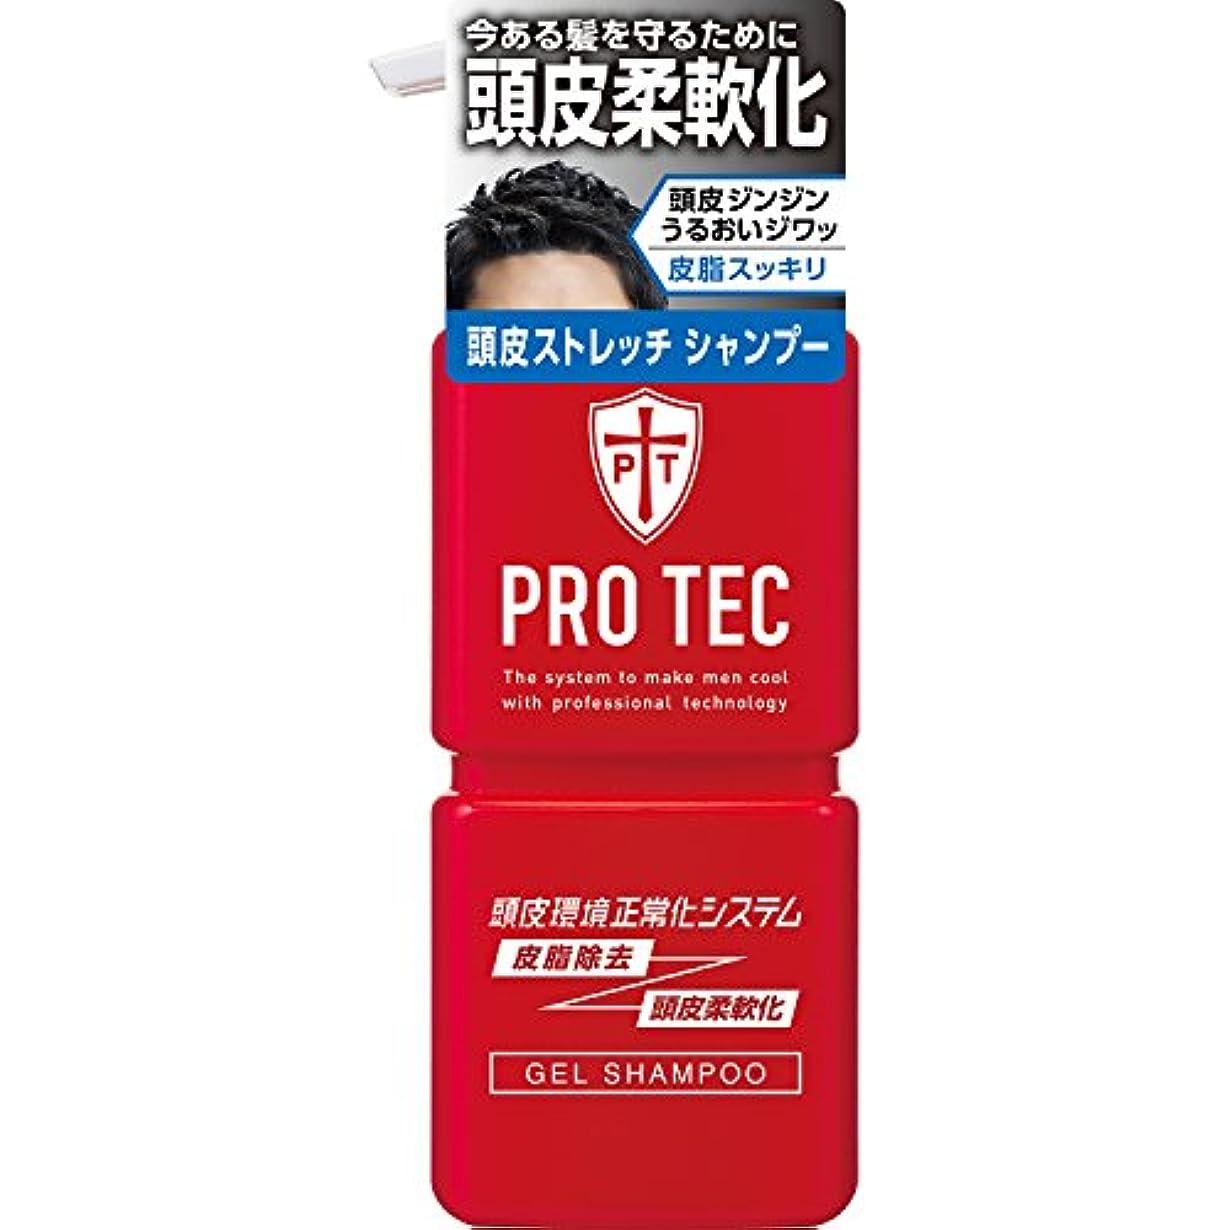 ランク表現位置づけるPRO TEC(プロテク) 頭皮ストレッチ シャンプー 本体ポンプ 300g(医薬部外品)